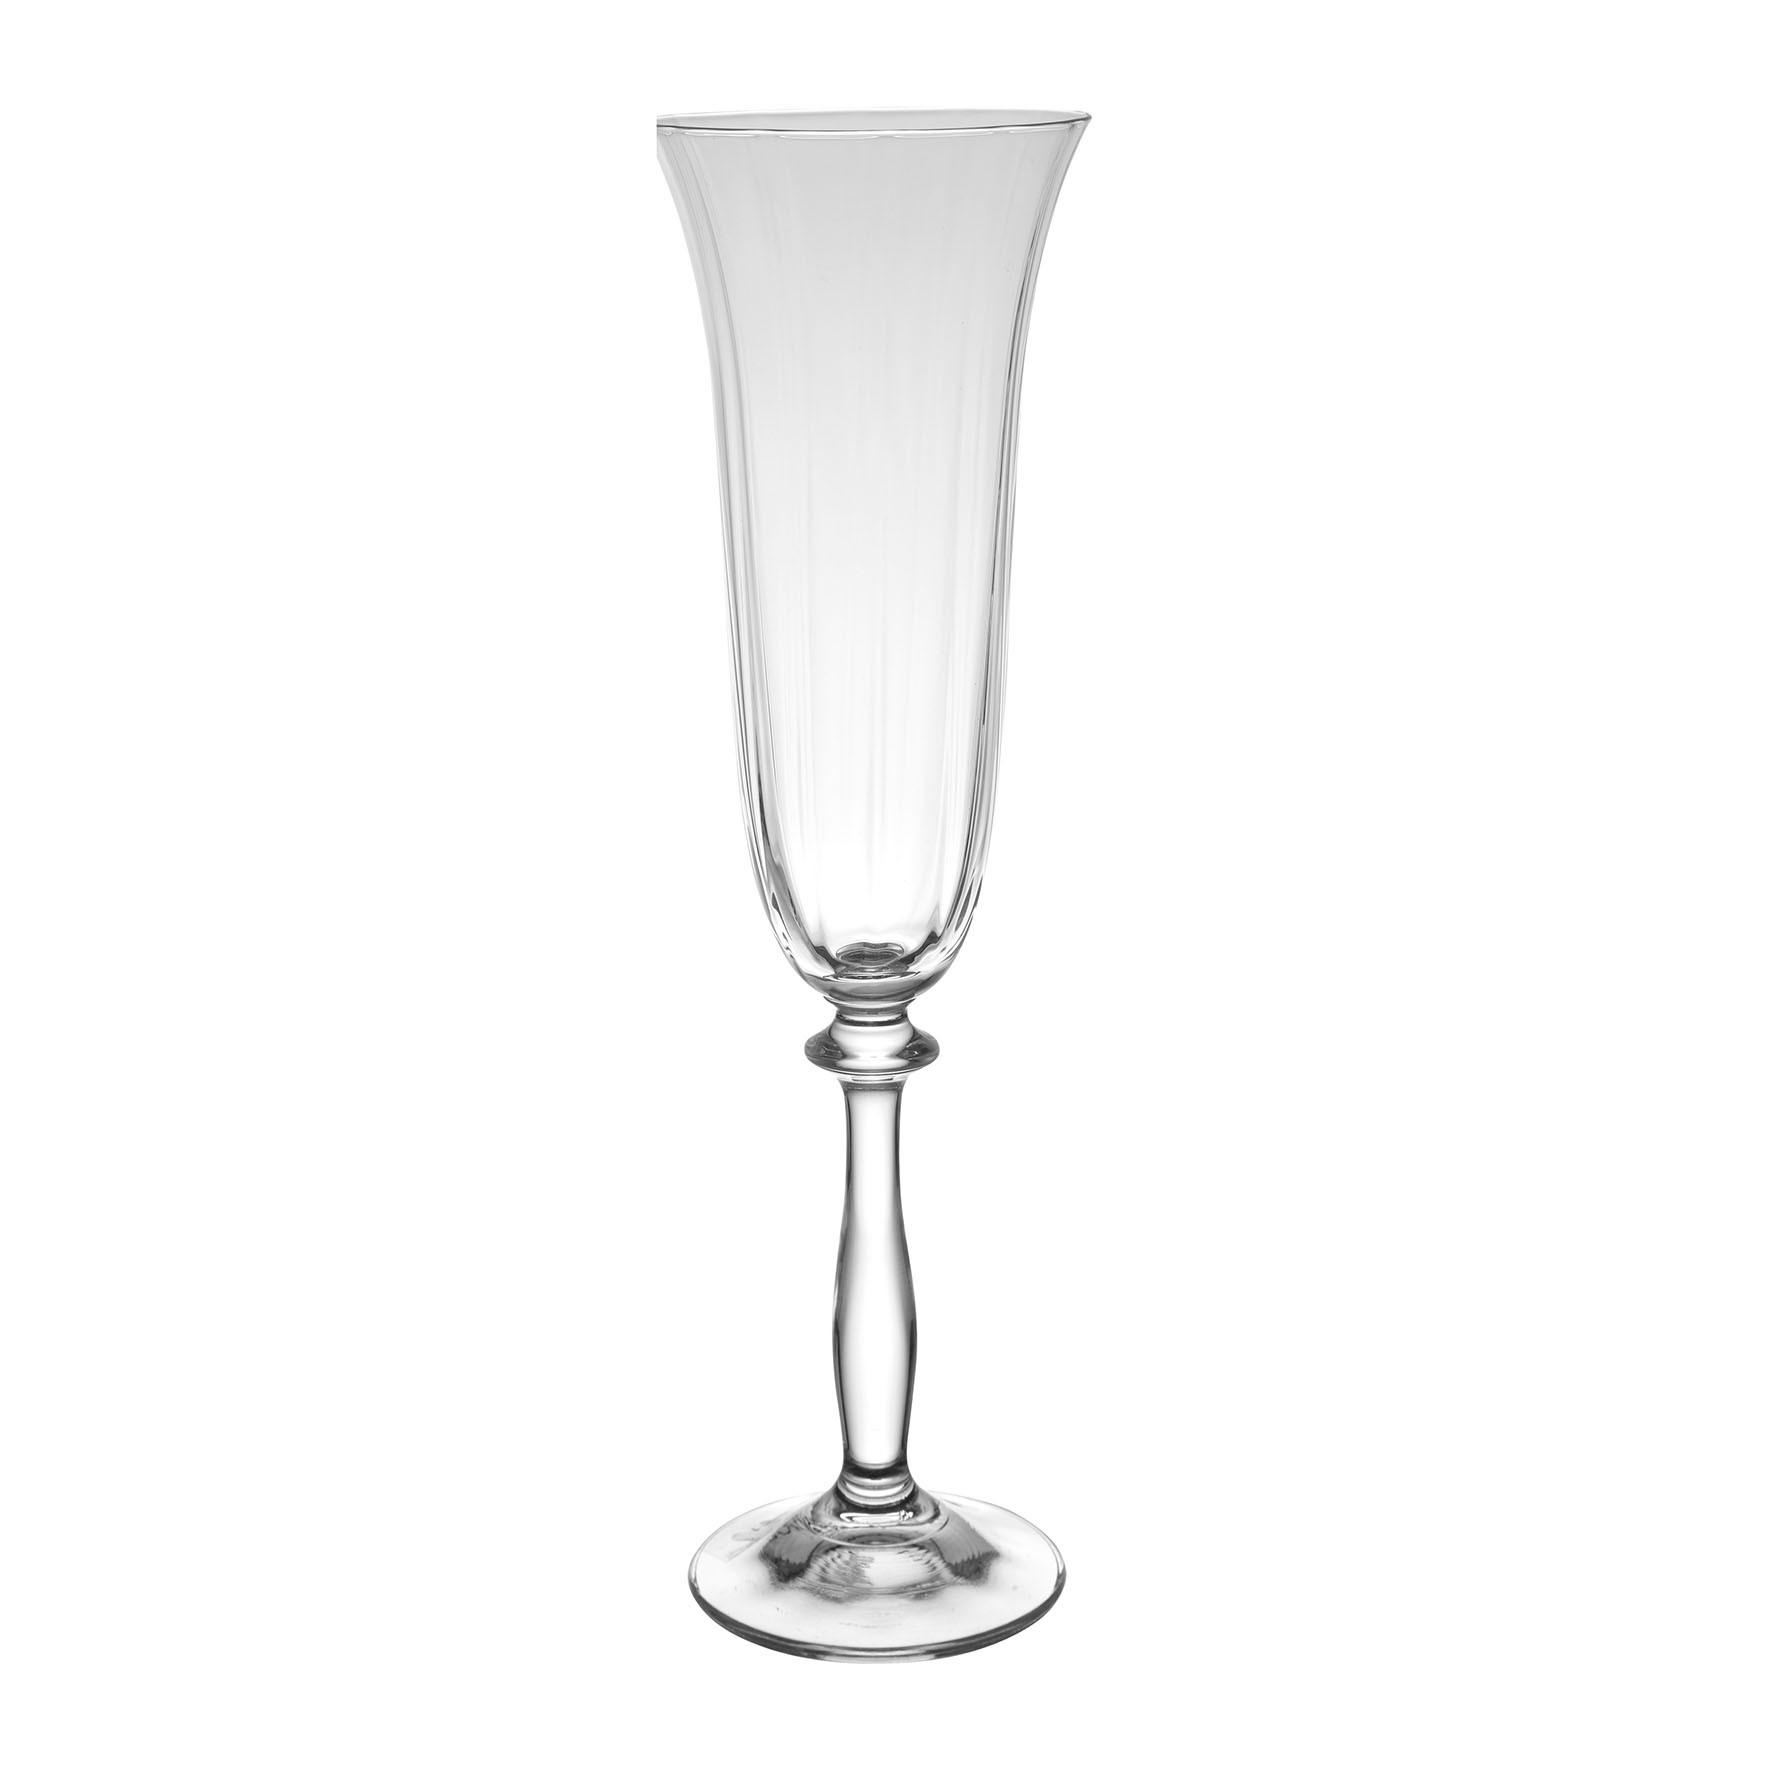 Angela - Flute  à champagne 19cl (par6)